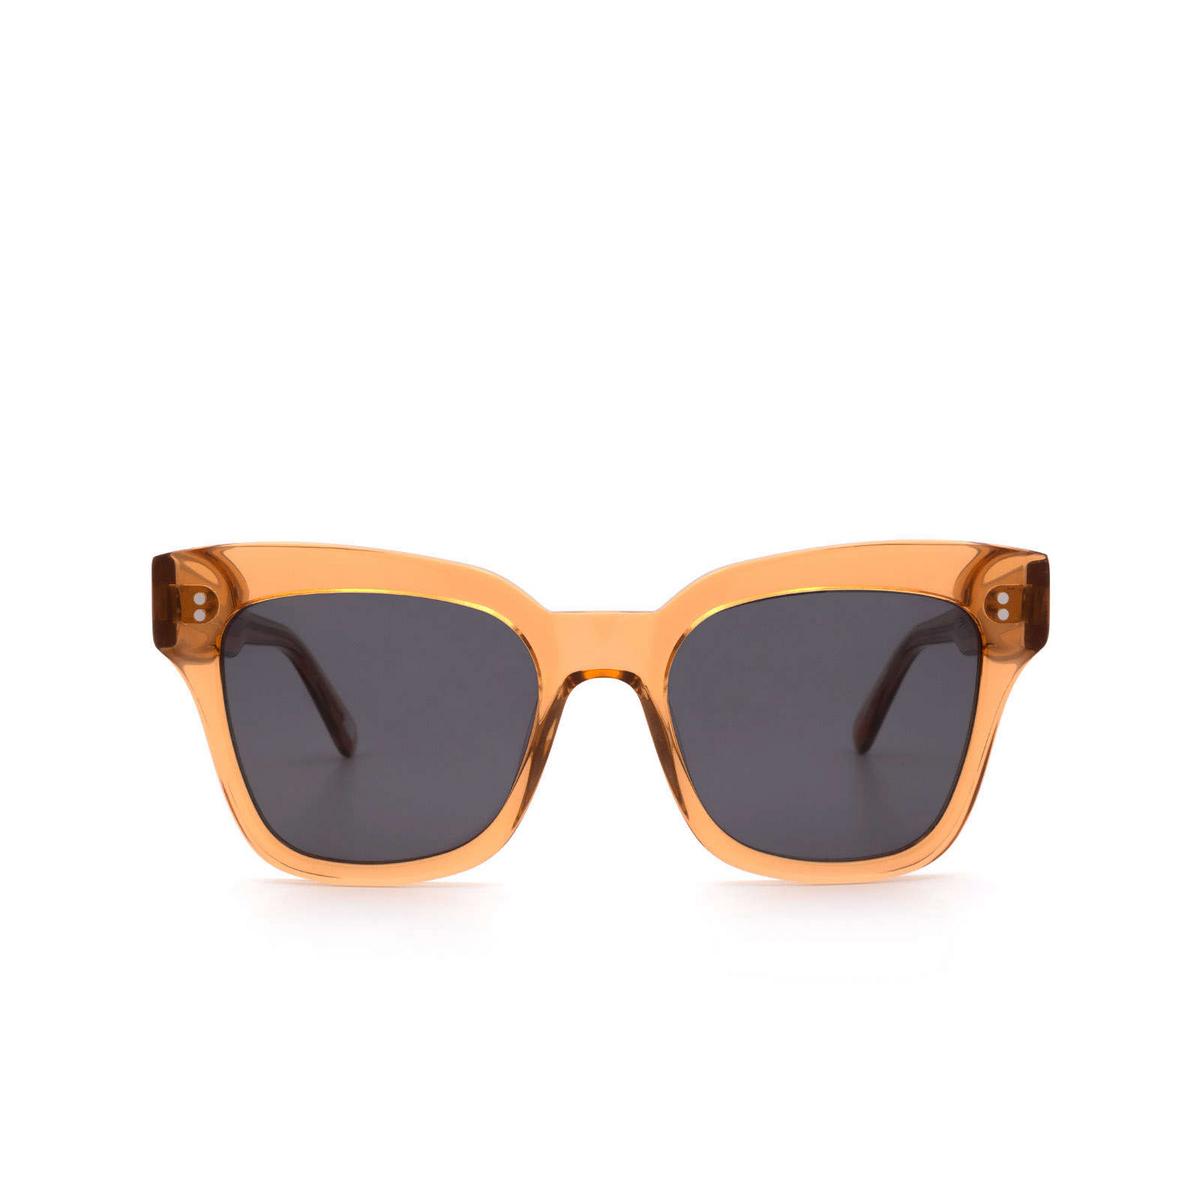 Chimi® Square Sunglasses: #005 color Orange Peach.